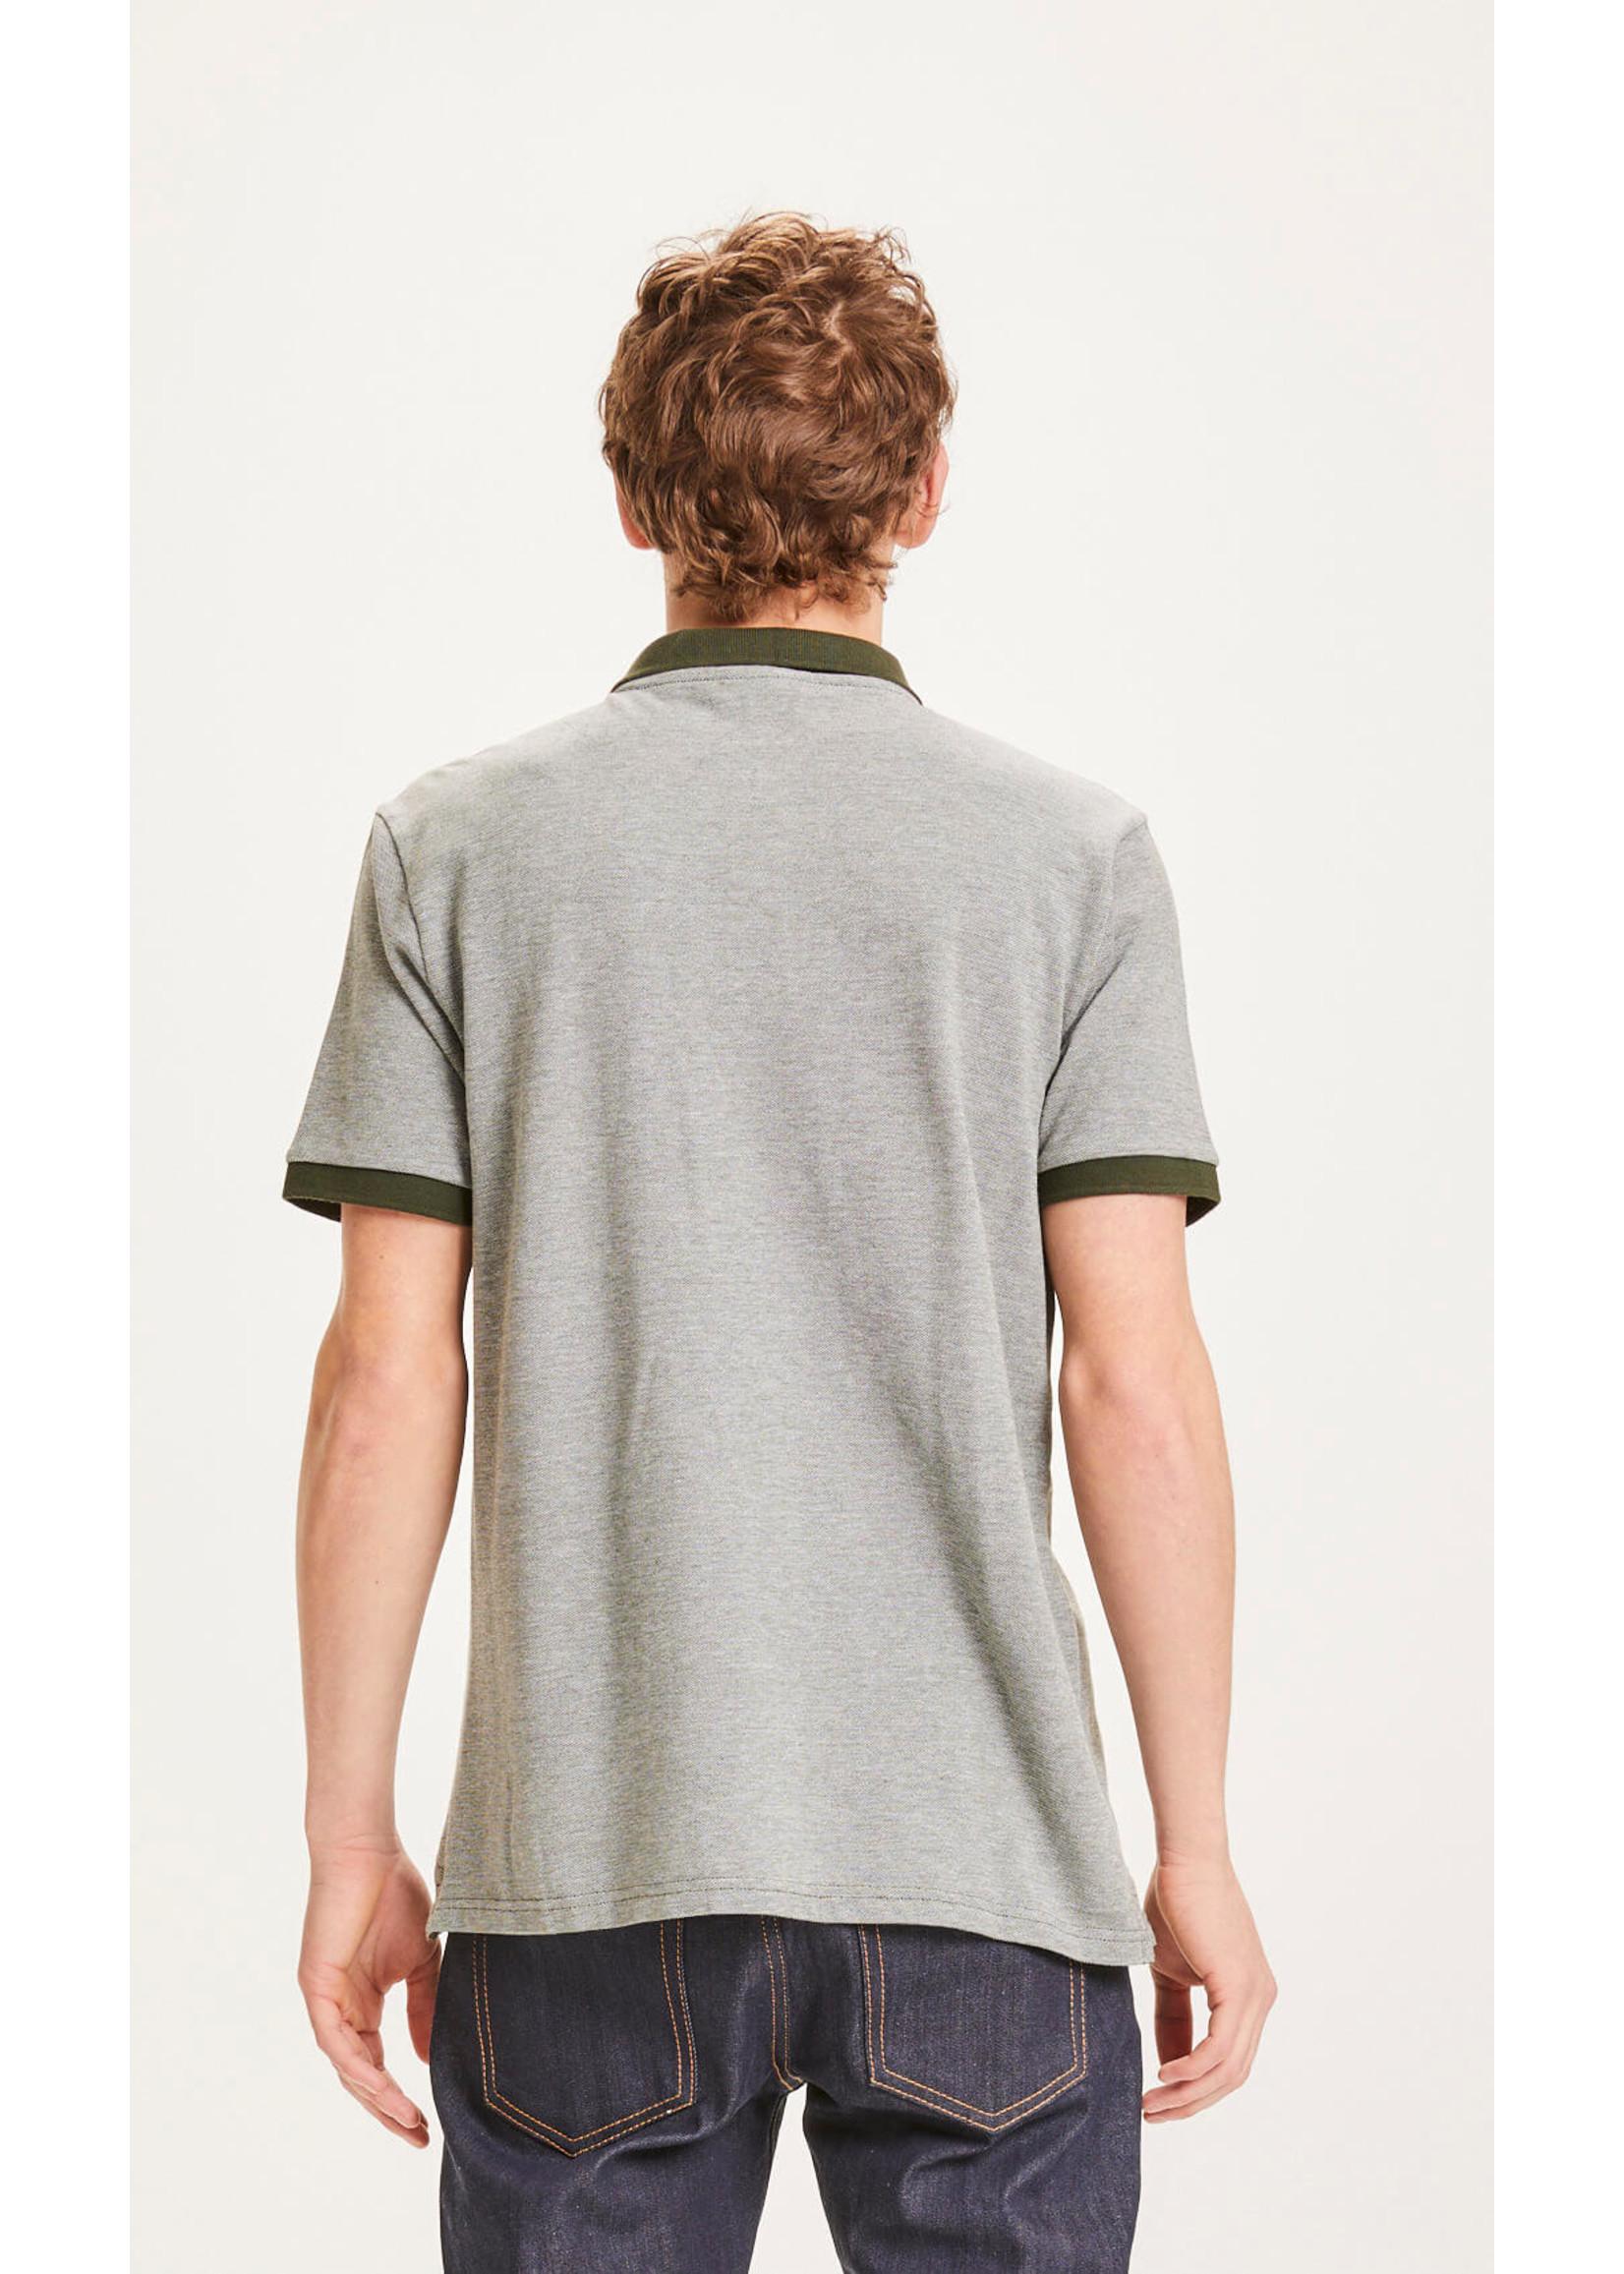 KnowledgeCotton KnowledgeCotton Rowan Pique Polo Shirt